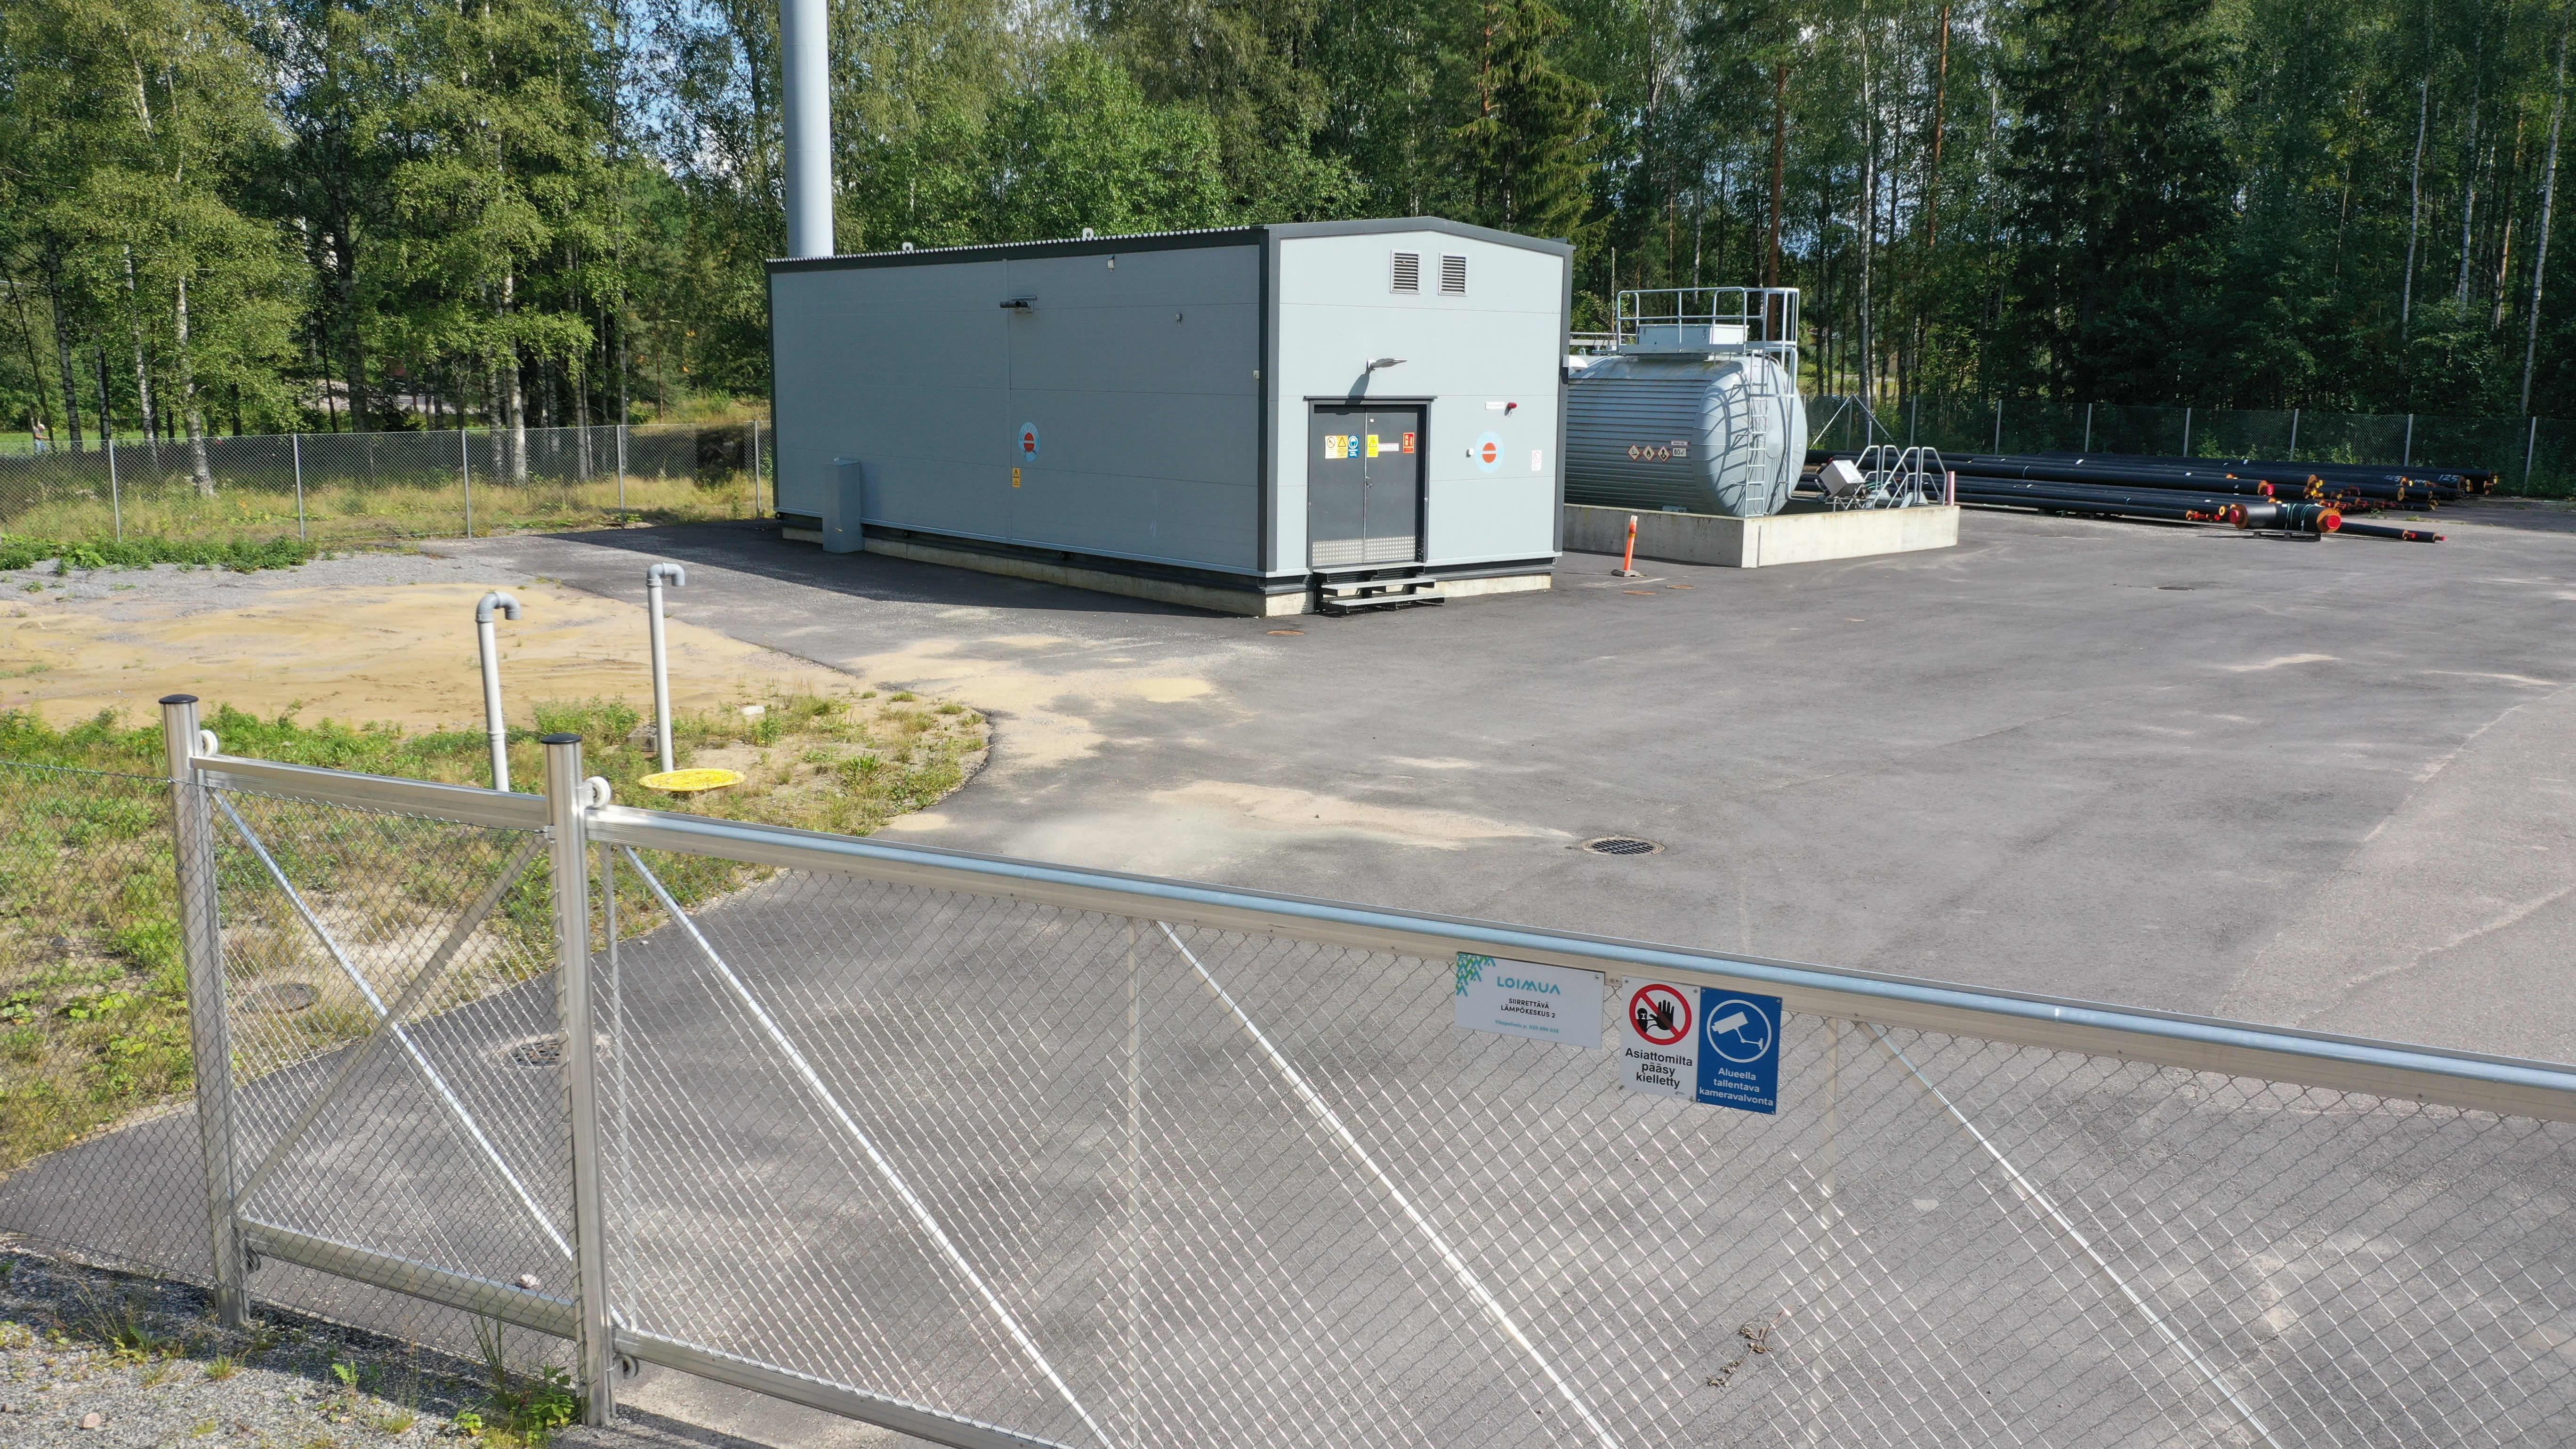 Heinolan Vuohkallion lämpövoimalaitos